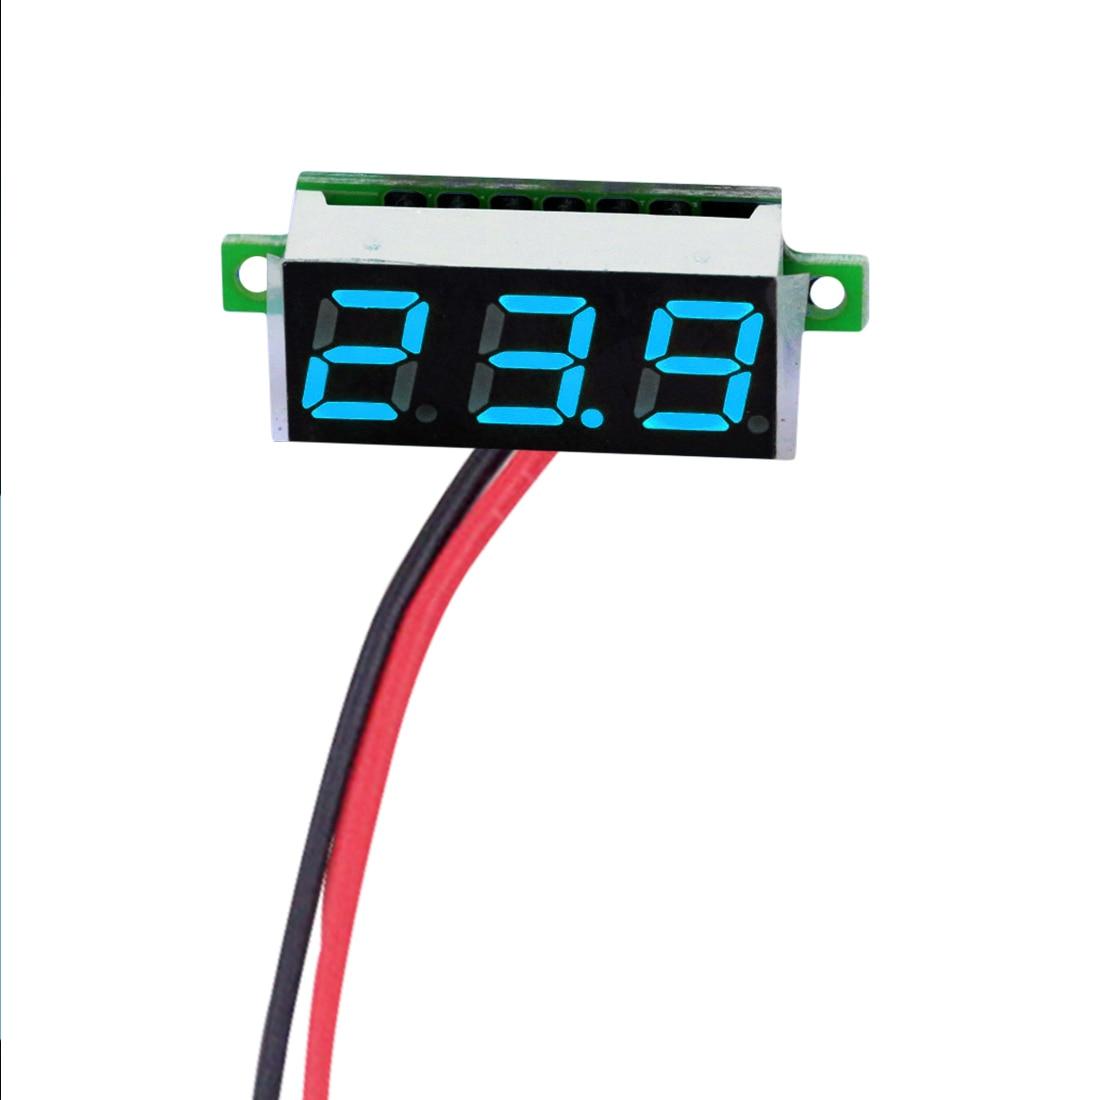 Цифровой Мини вольтметр, измеритель напряжения 2,5 30 в, светодиодный экран, электронные детали, аксессуары, цифровой вольтметр 0,28 дюйма|mini digital voltmeter|mini digital voltmeter voltagedigital voltmeter | АлиЭкспресс